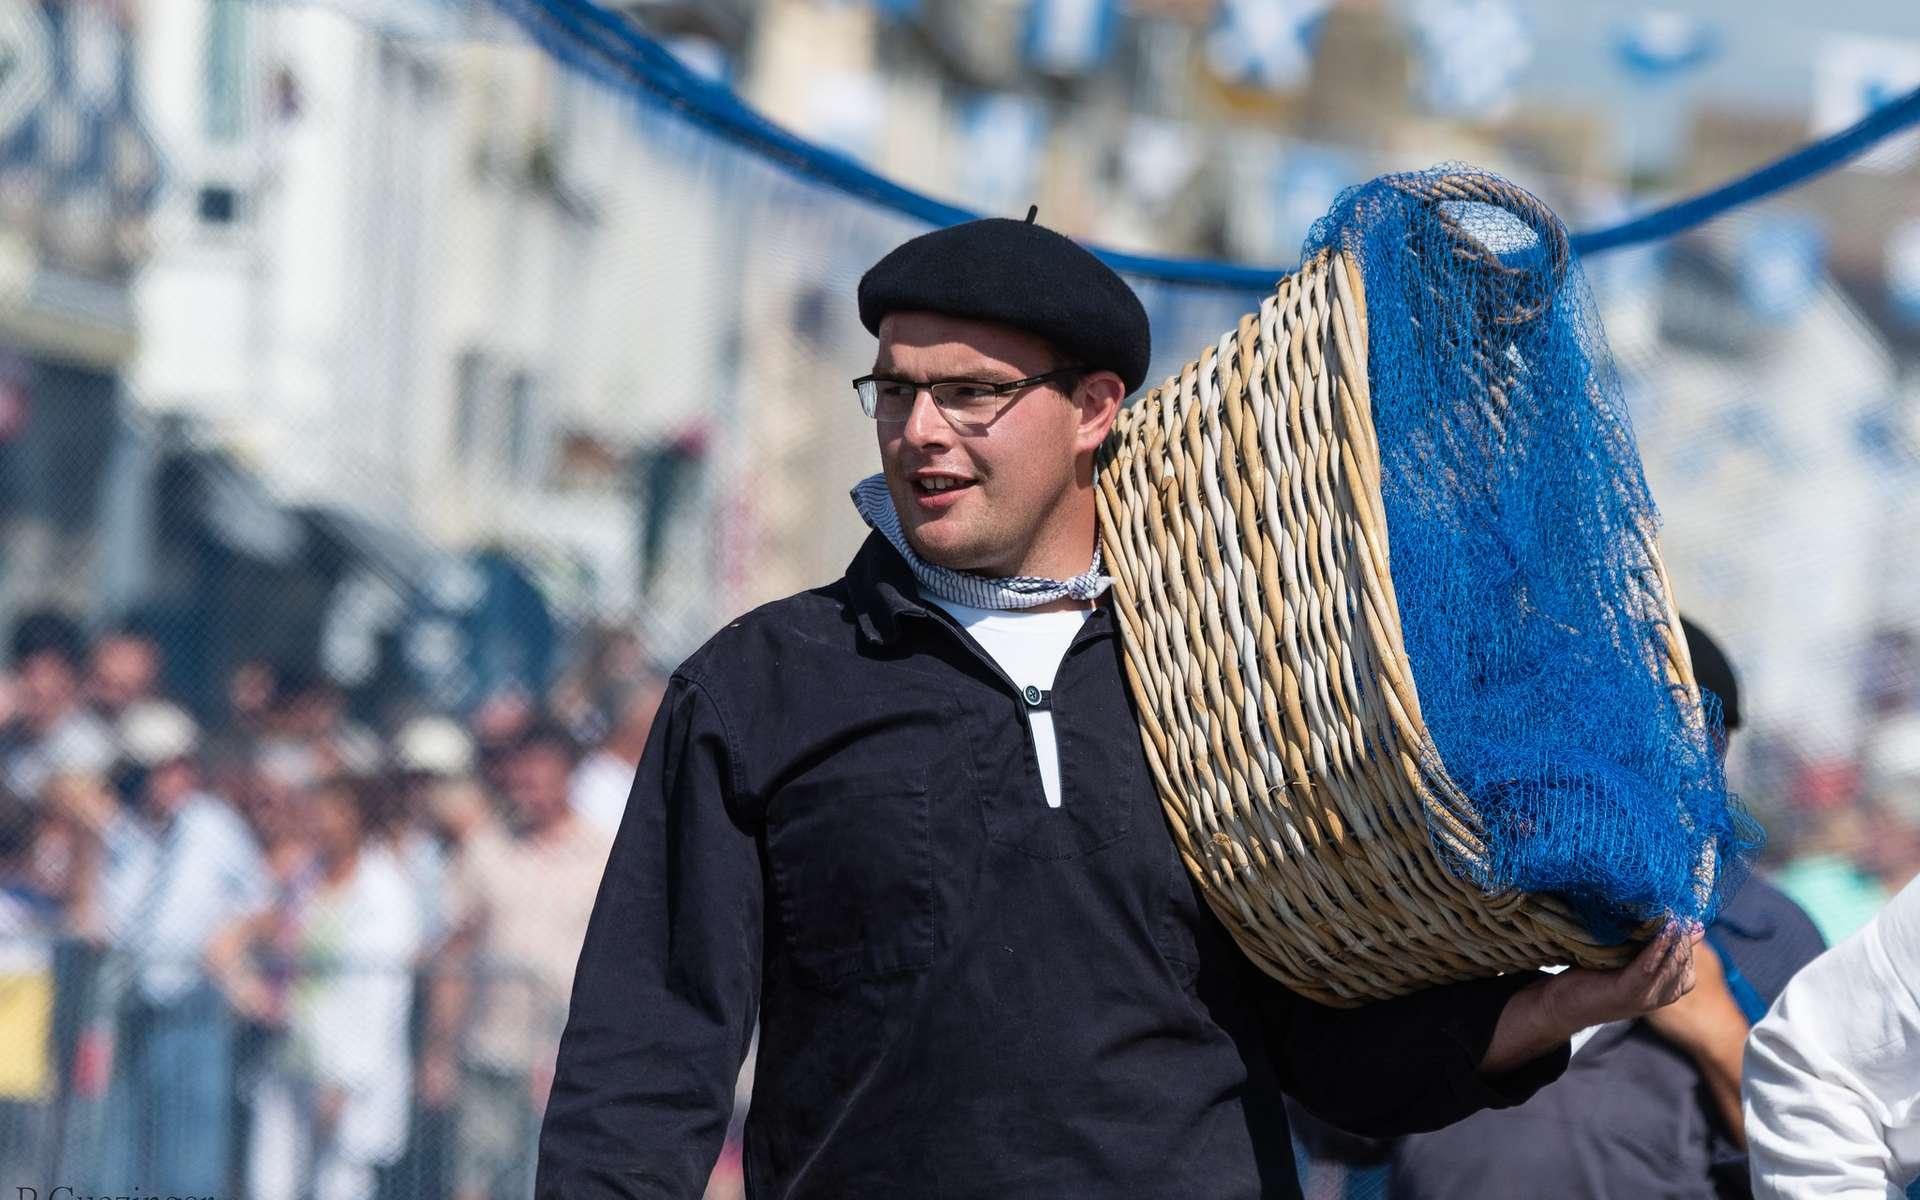 Le festival des Filets bleus, à Concarneau, en Bretagne. © Pierre Guezingar, Flickr, CC by-sa 2.0